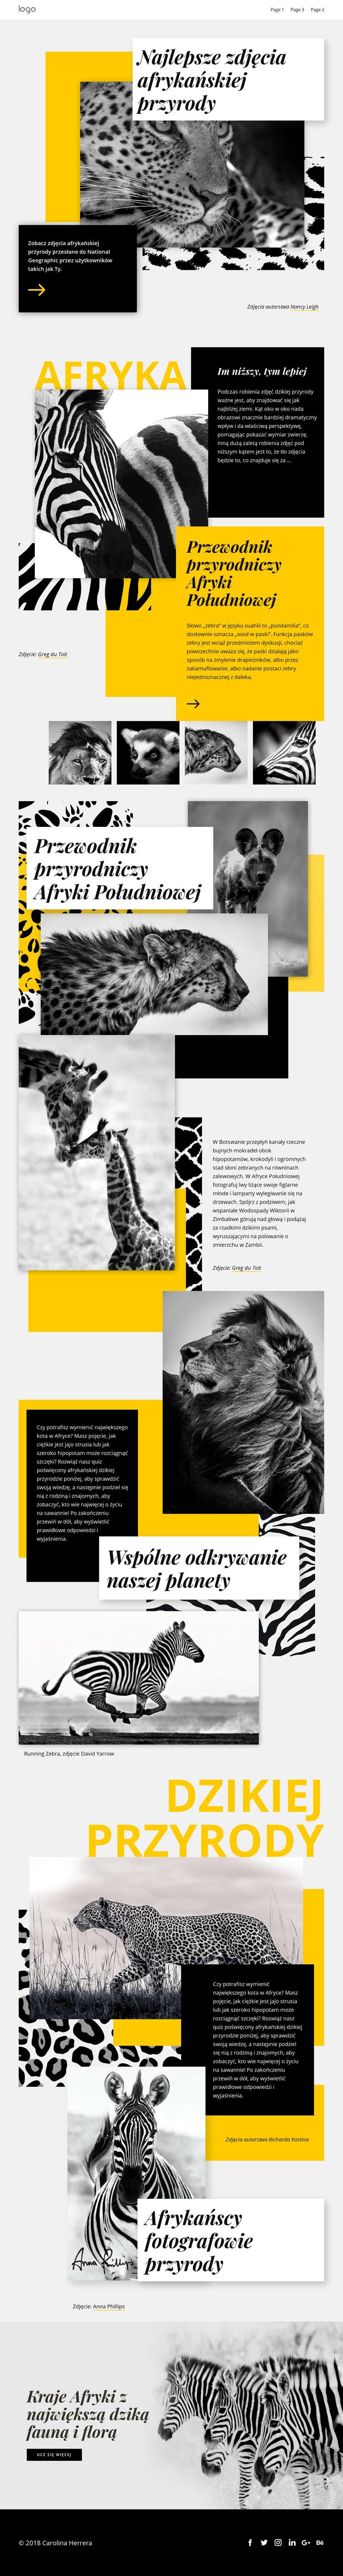 Najlepsze zdjęcia afrykańskie Szablon witryny sieci Web